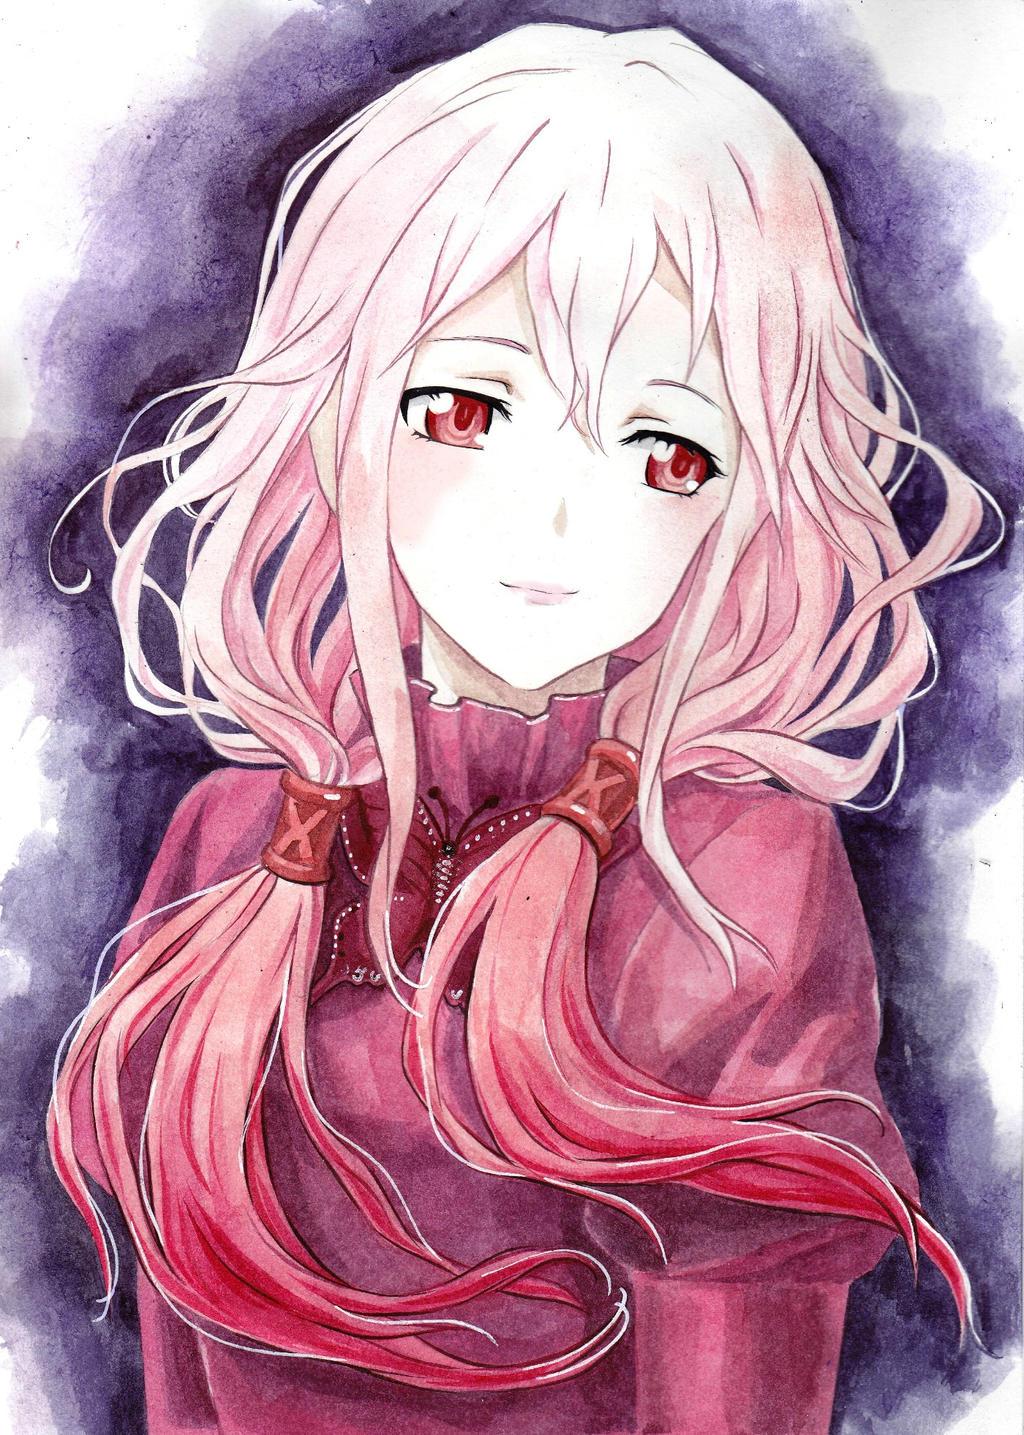 inori yuzuriha by assassinwarrior - photo #18